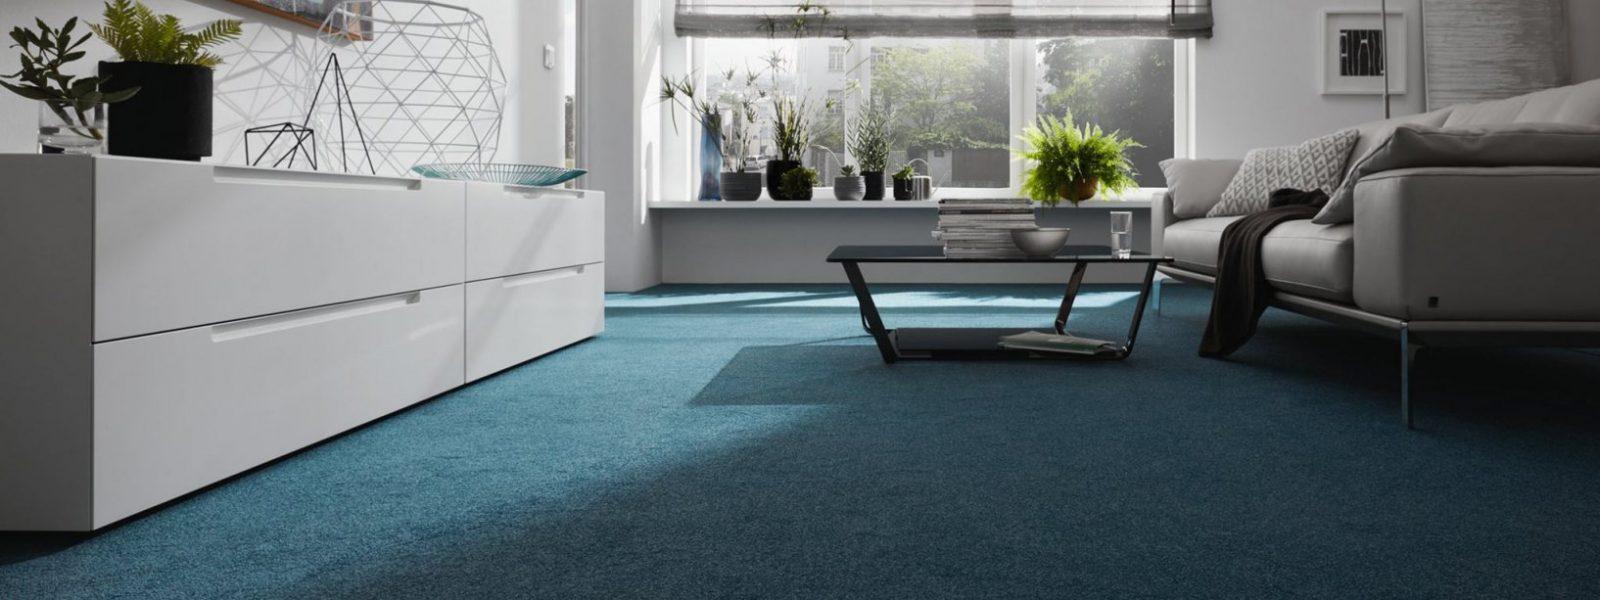 √ Jab Anstoetz Teppichboden Bei Teppichscheune Günstig Kaufen von Jab Anstoetz Stoffe Werksverkauf Bild